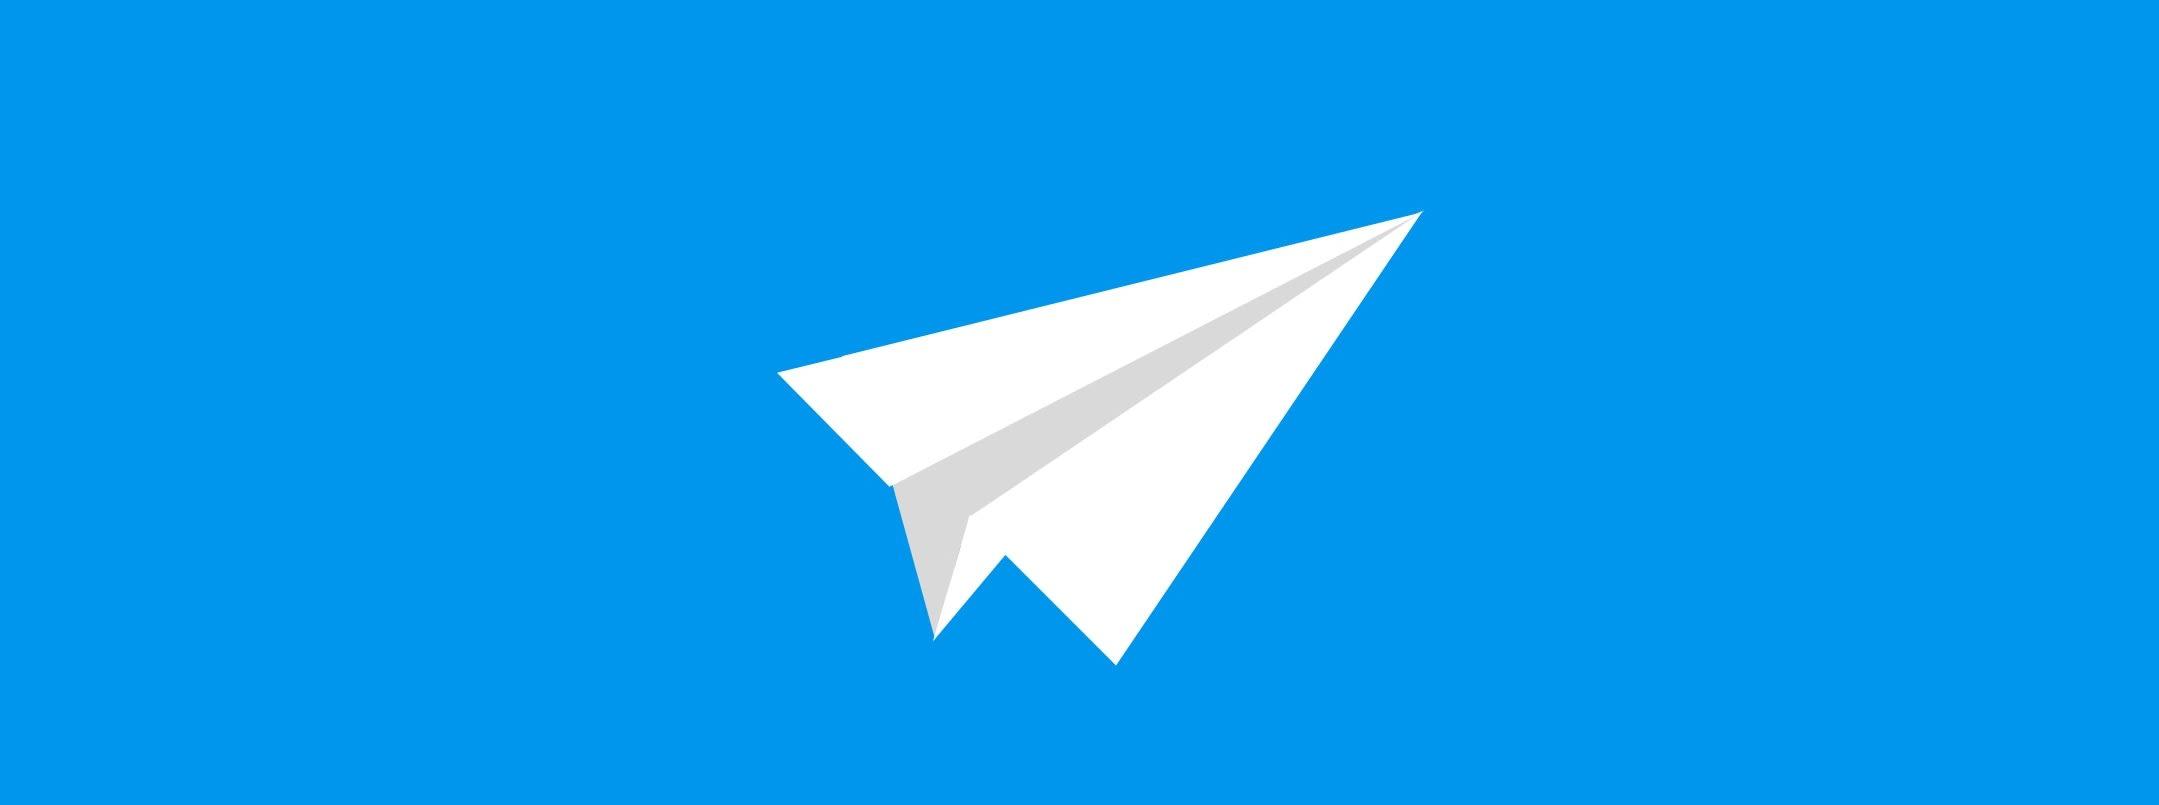 Telegram poll logo